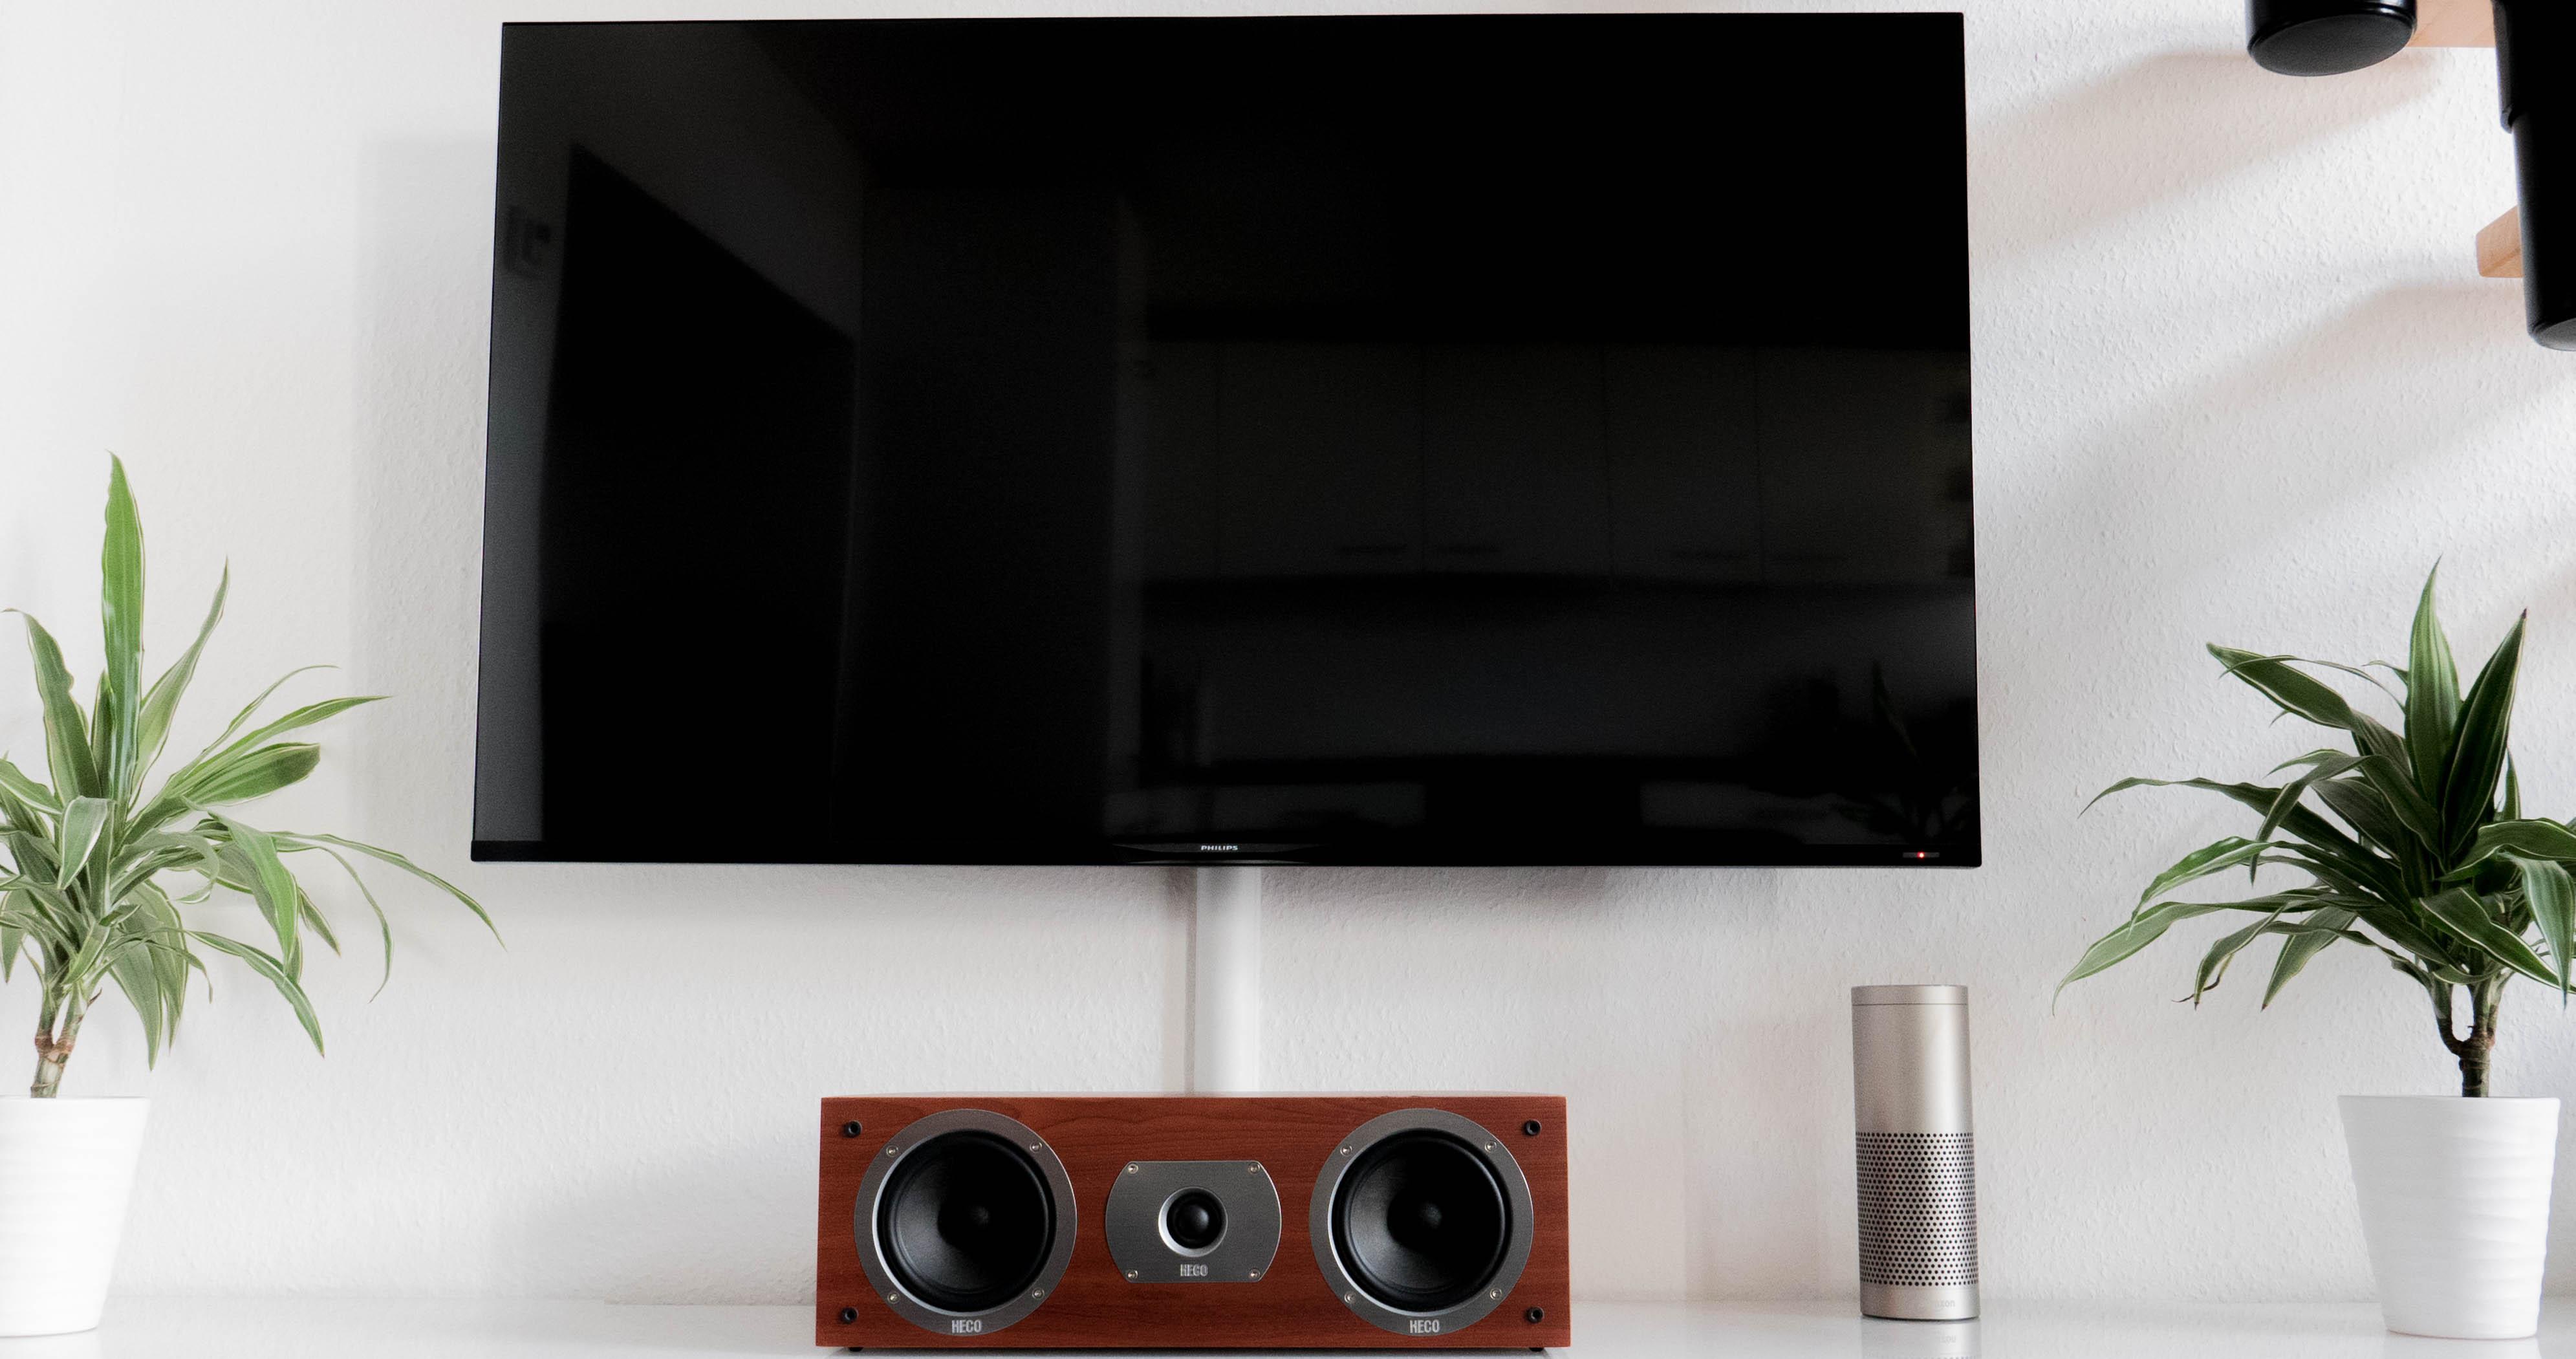 Lg Fernseher Mit Iphone Verbinden : So steuert ihr euren fernseher mit alexa! smarthomeassistent